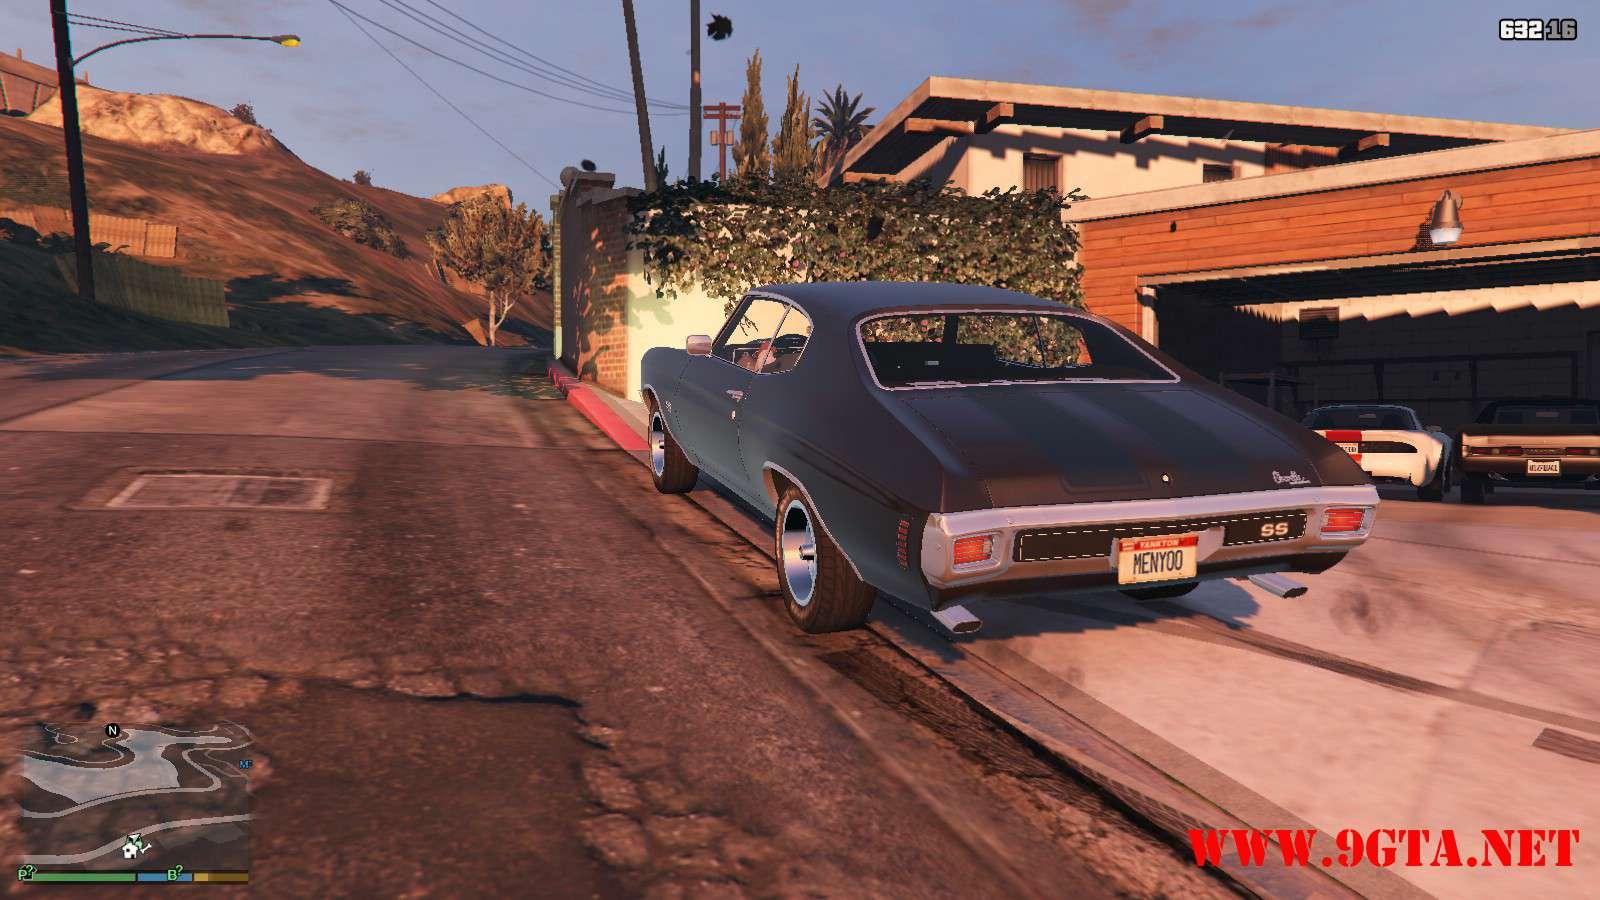 Chevrolet Chevelle SS v1.1 GTA5 Mods (19)